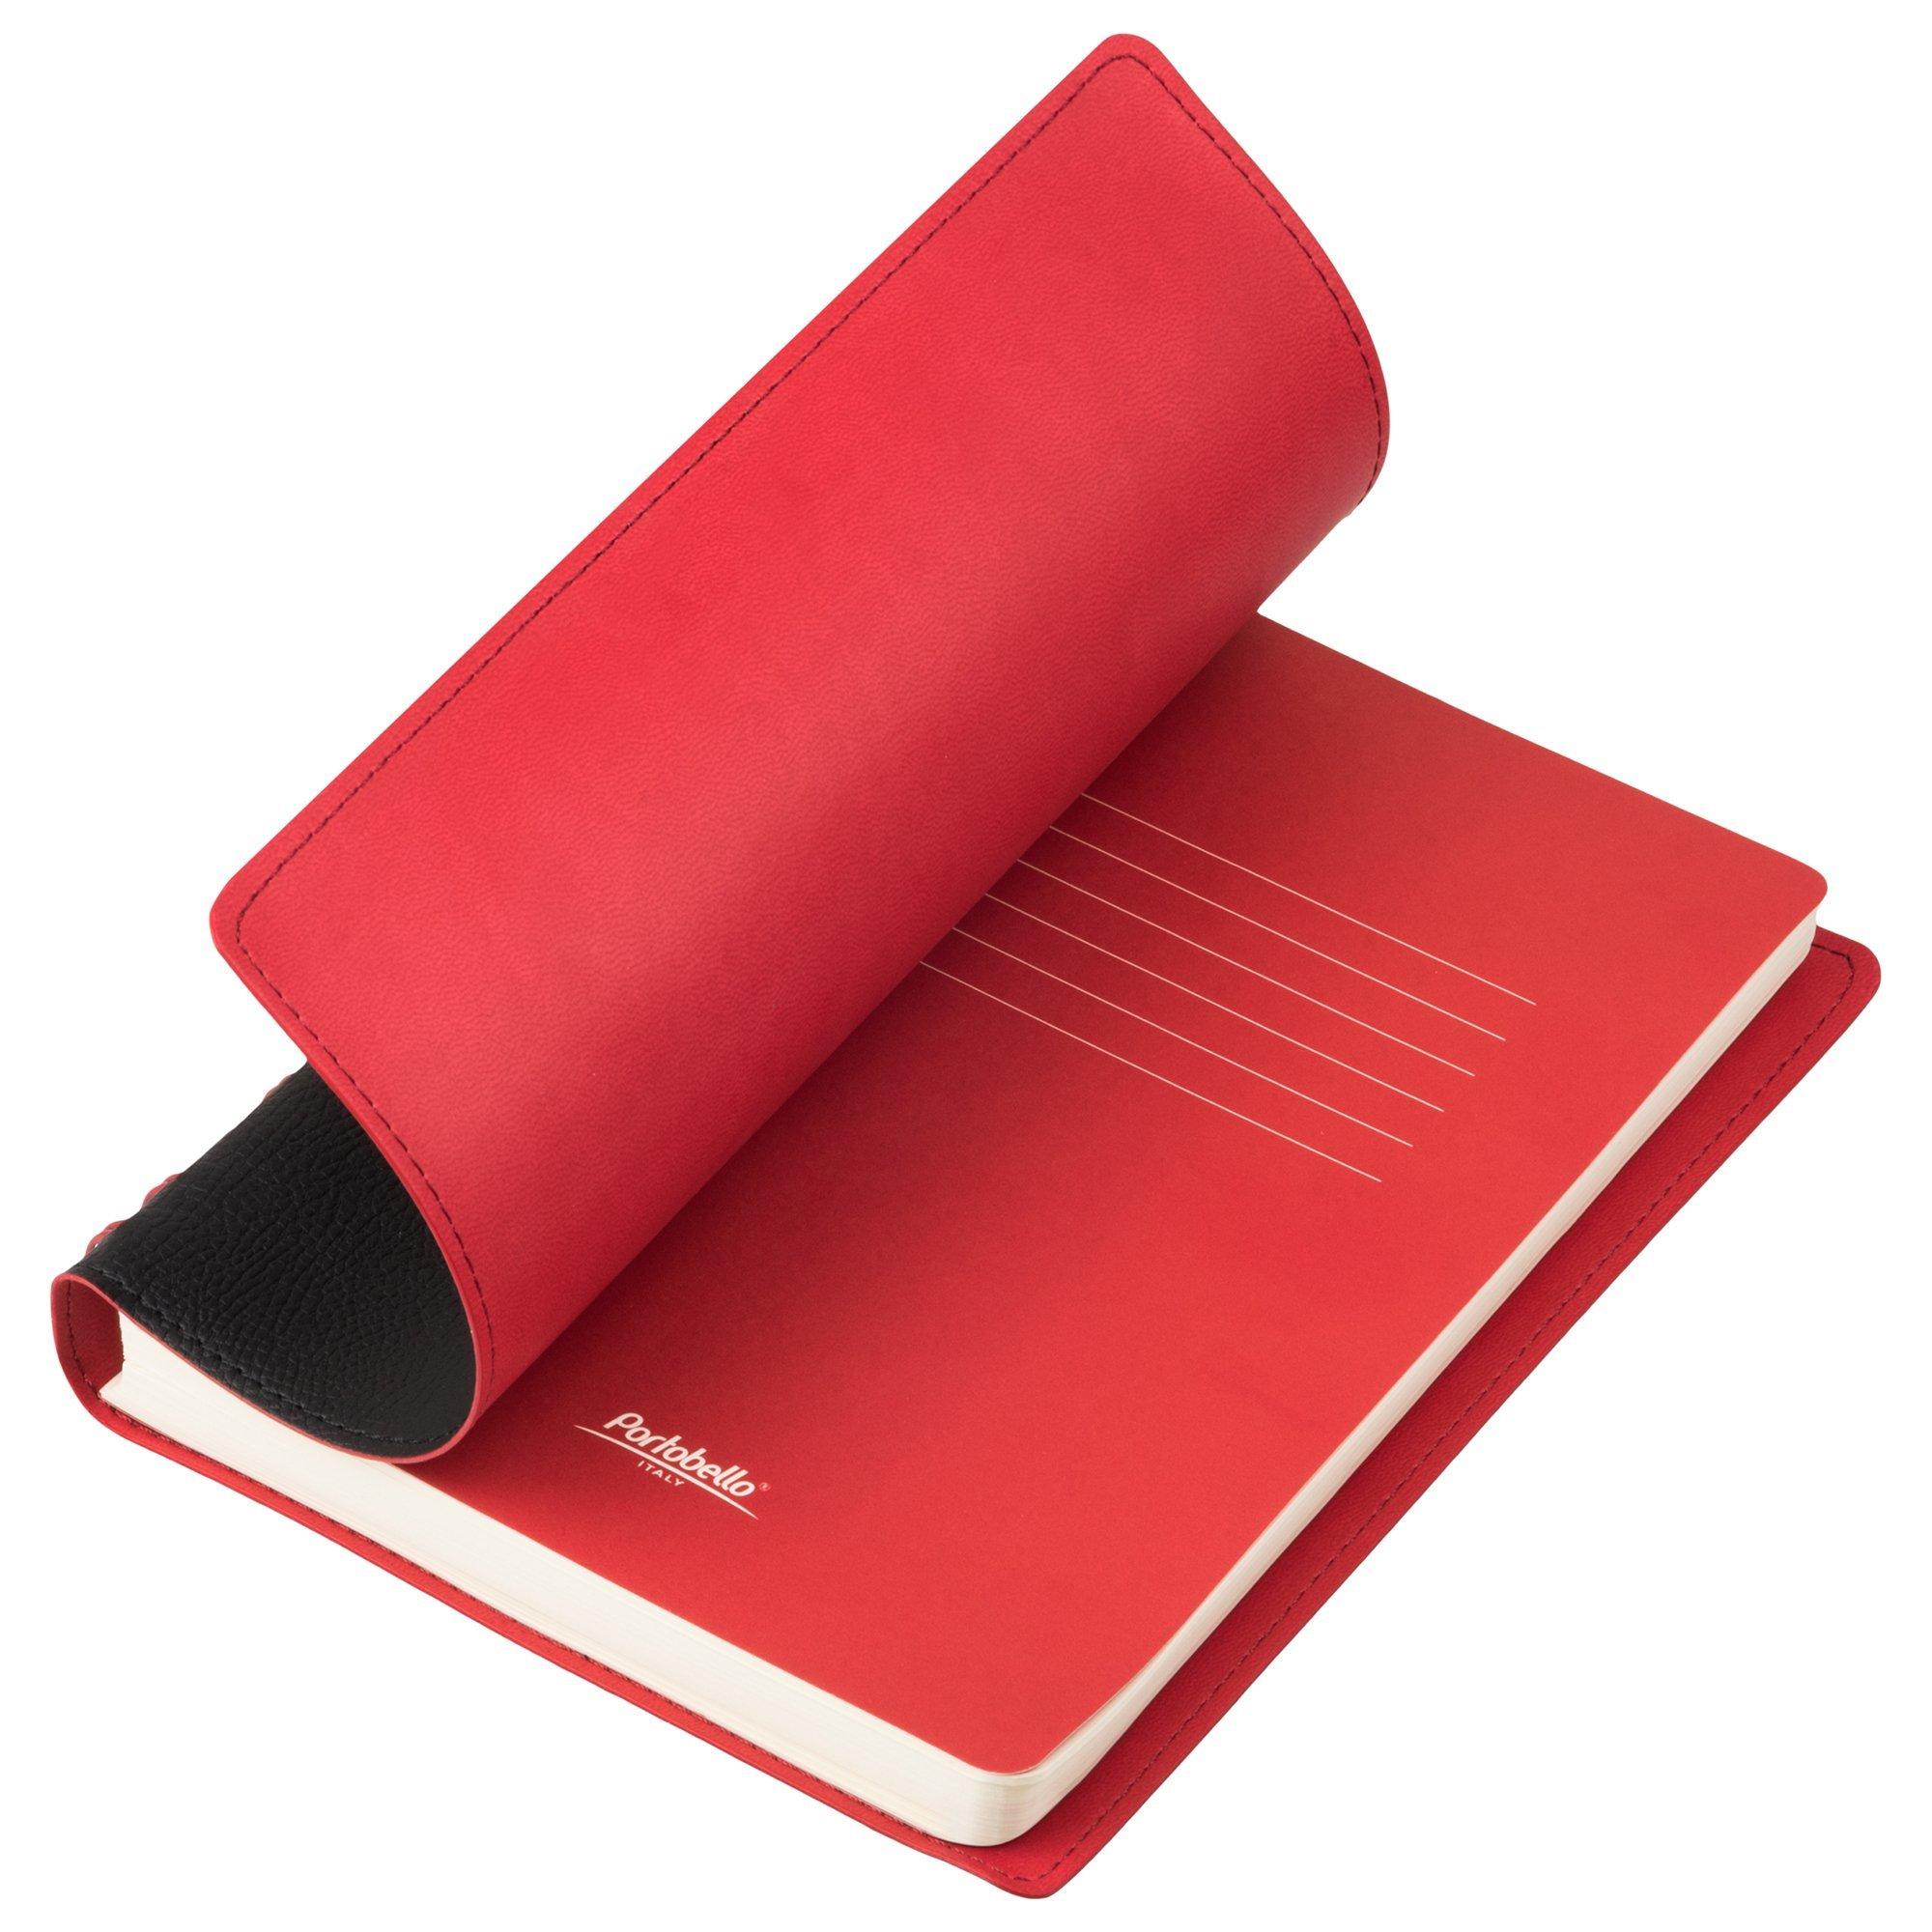 Ежедневник недатированный, Portobello Trend, Vista, 145х210, 256 стр, черный/красный